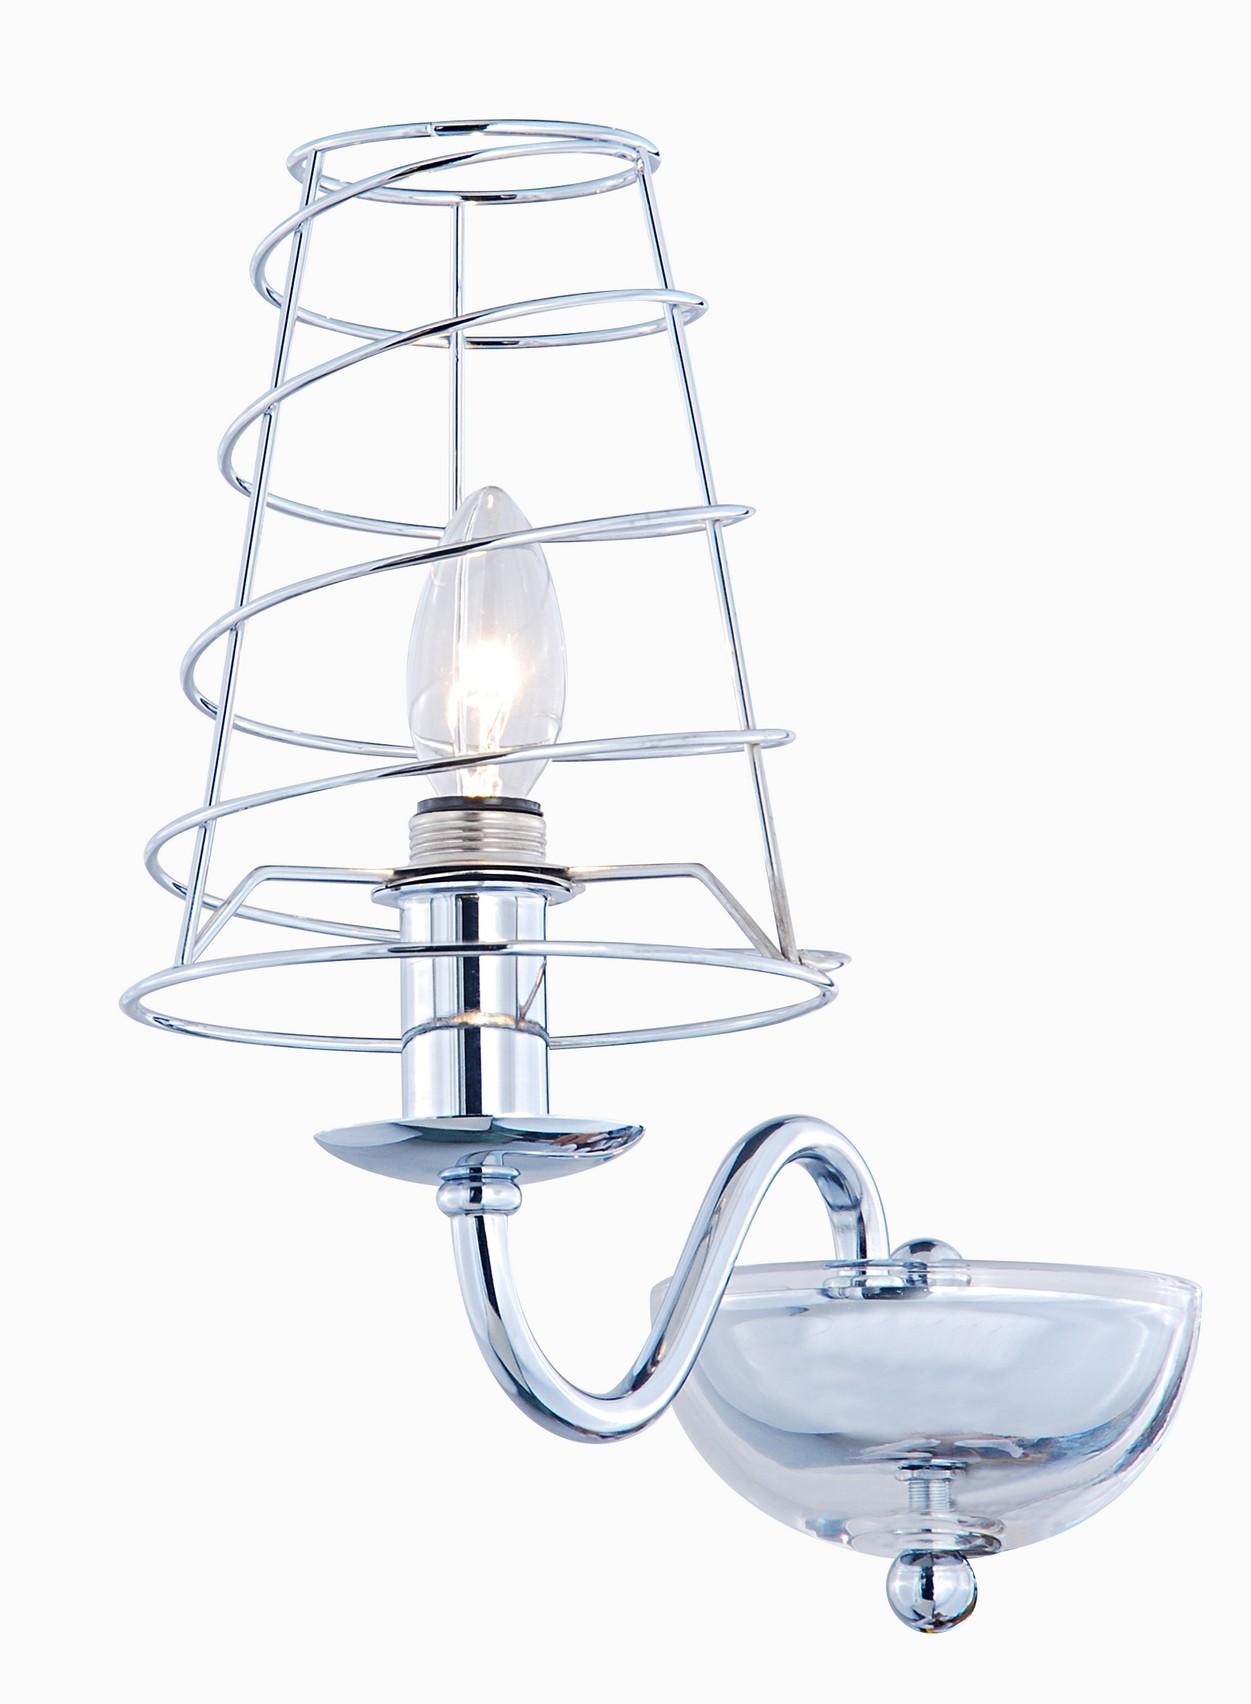 Бра Arte lampНастенные светильники и бра<br>Тип: бра,<br>Назначение светильника: для комнаты,<br>Стиль светильника: модерн,<br>Материал светильника: металл, стекло,<br>Тип лампы: накаливания,<br>Количество ламп: 1,<br>Мощность: 40,<br>Патрон: Е14,<br>Цвет арматуры: хром,<br>Длина (мм): 280,<br>Высота: 270,<br>Диаметр: 150<br>